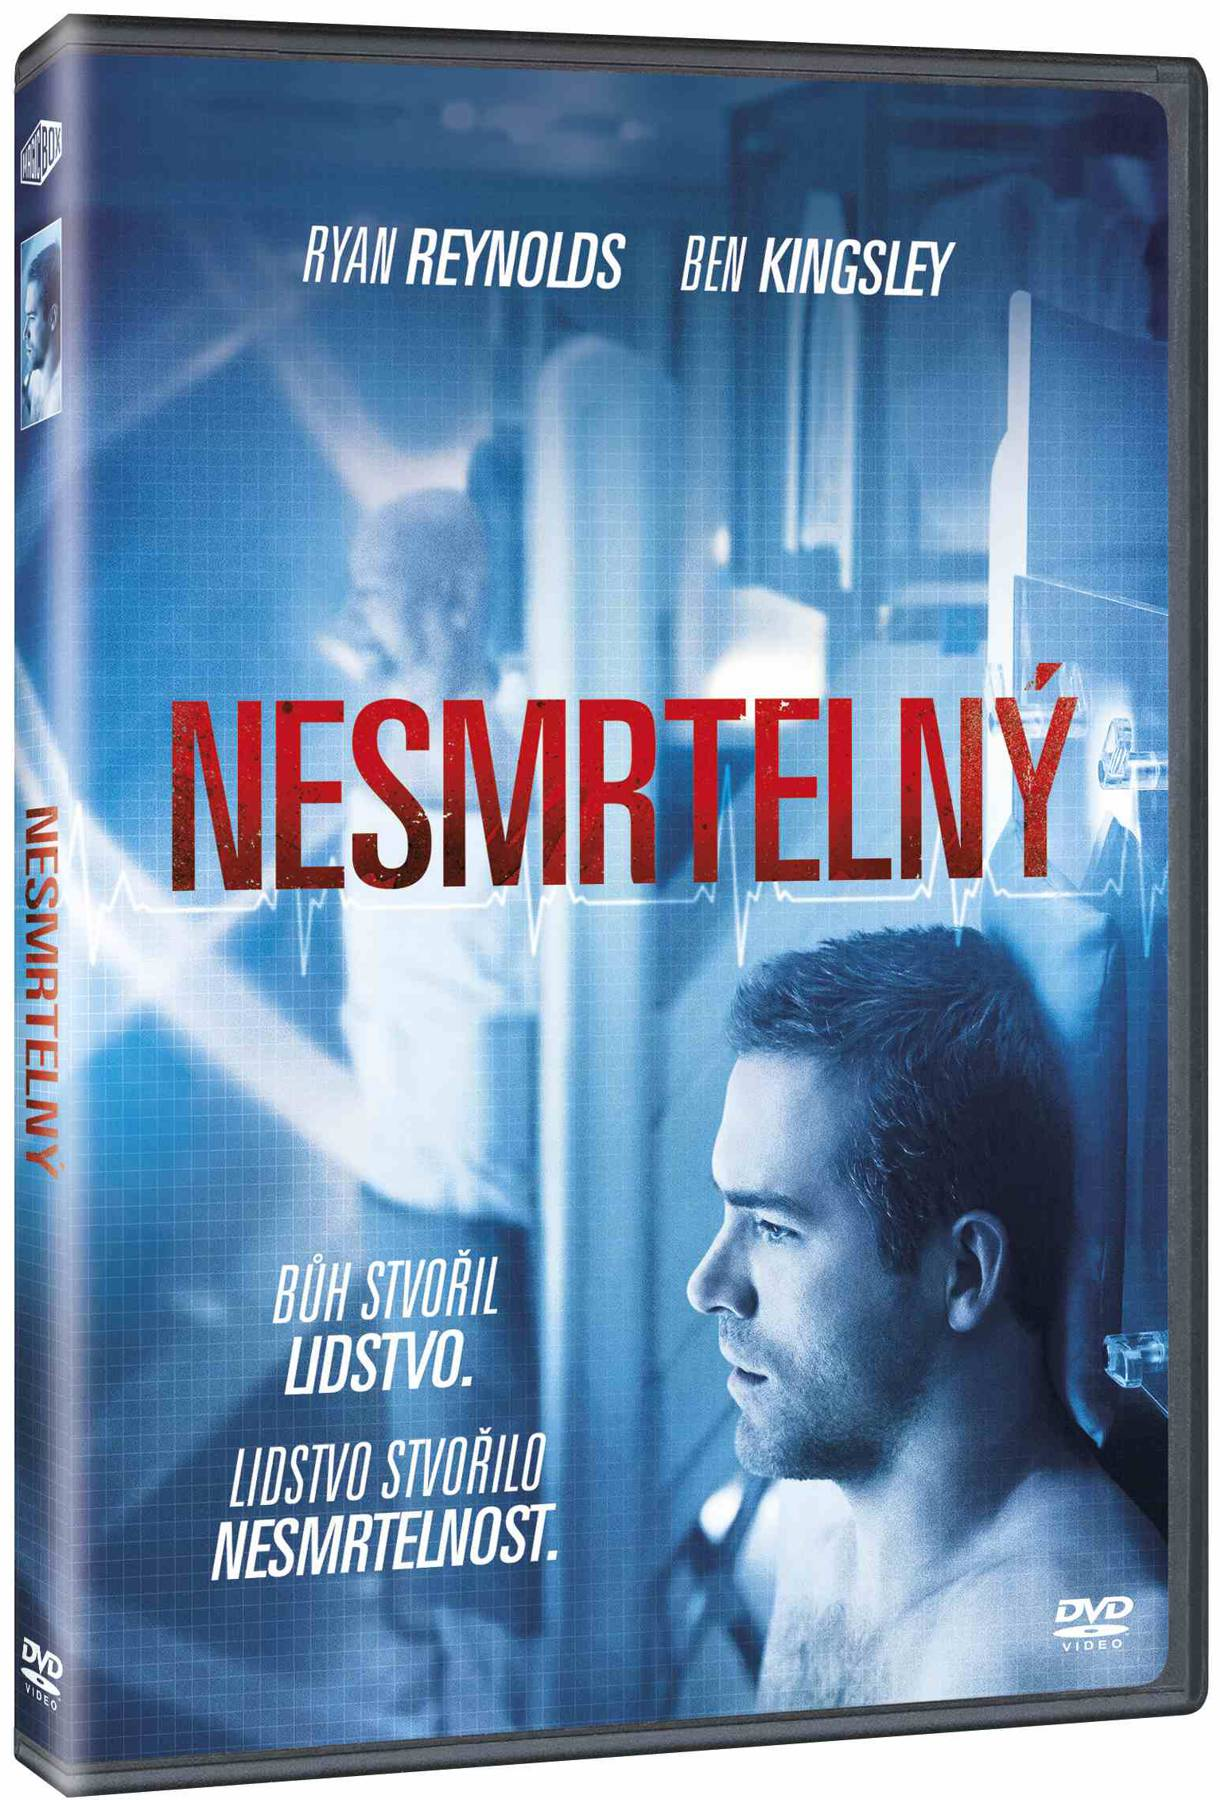 Nesmrtelný - DVD